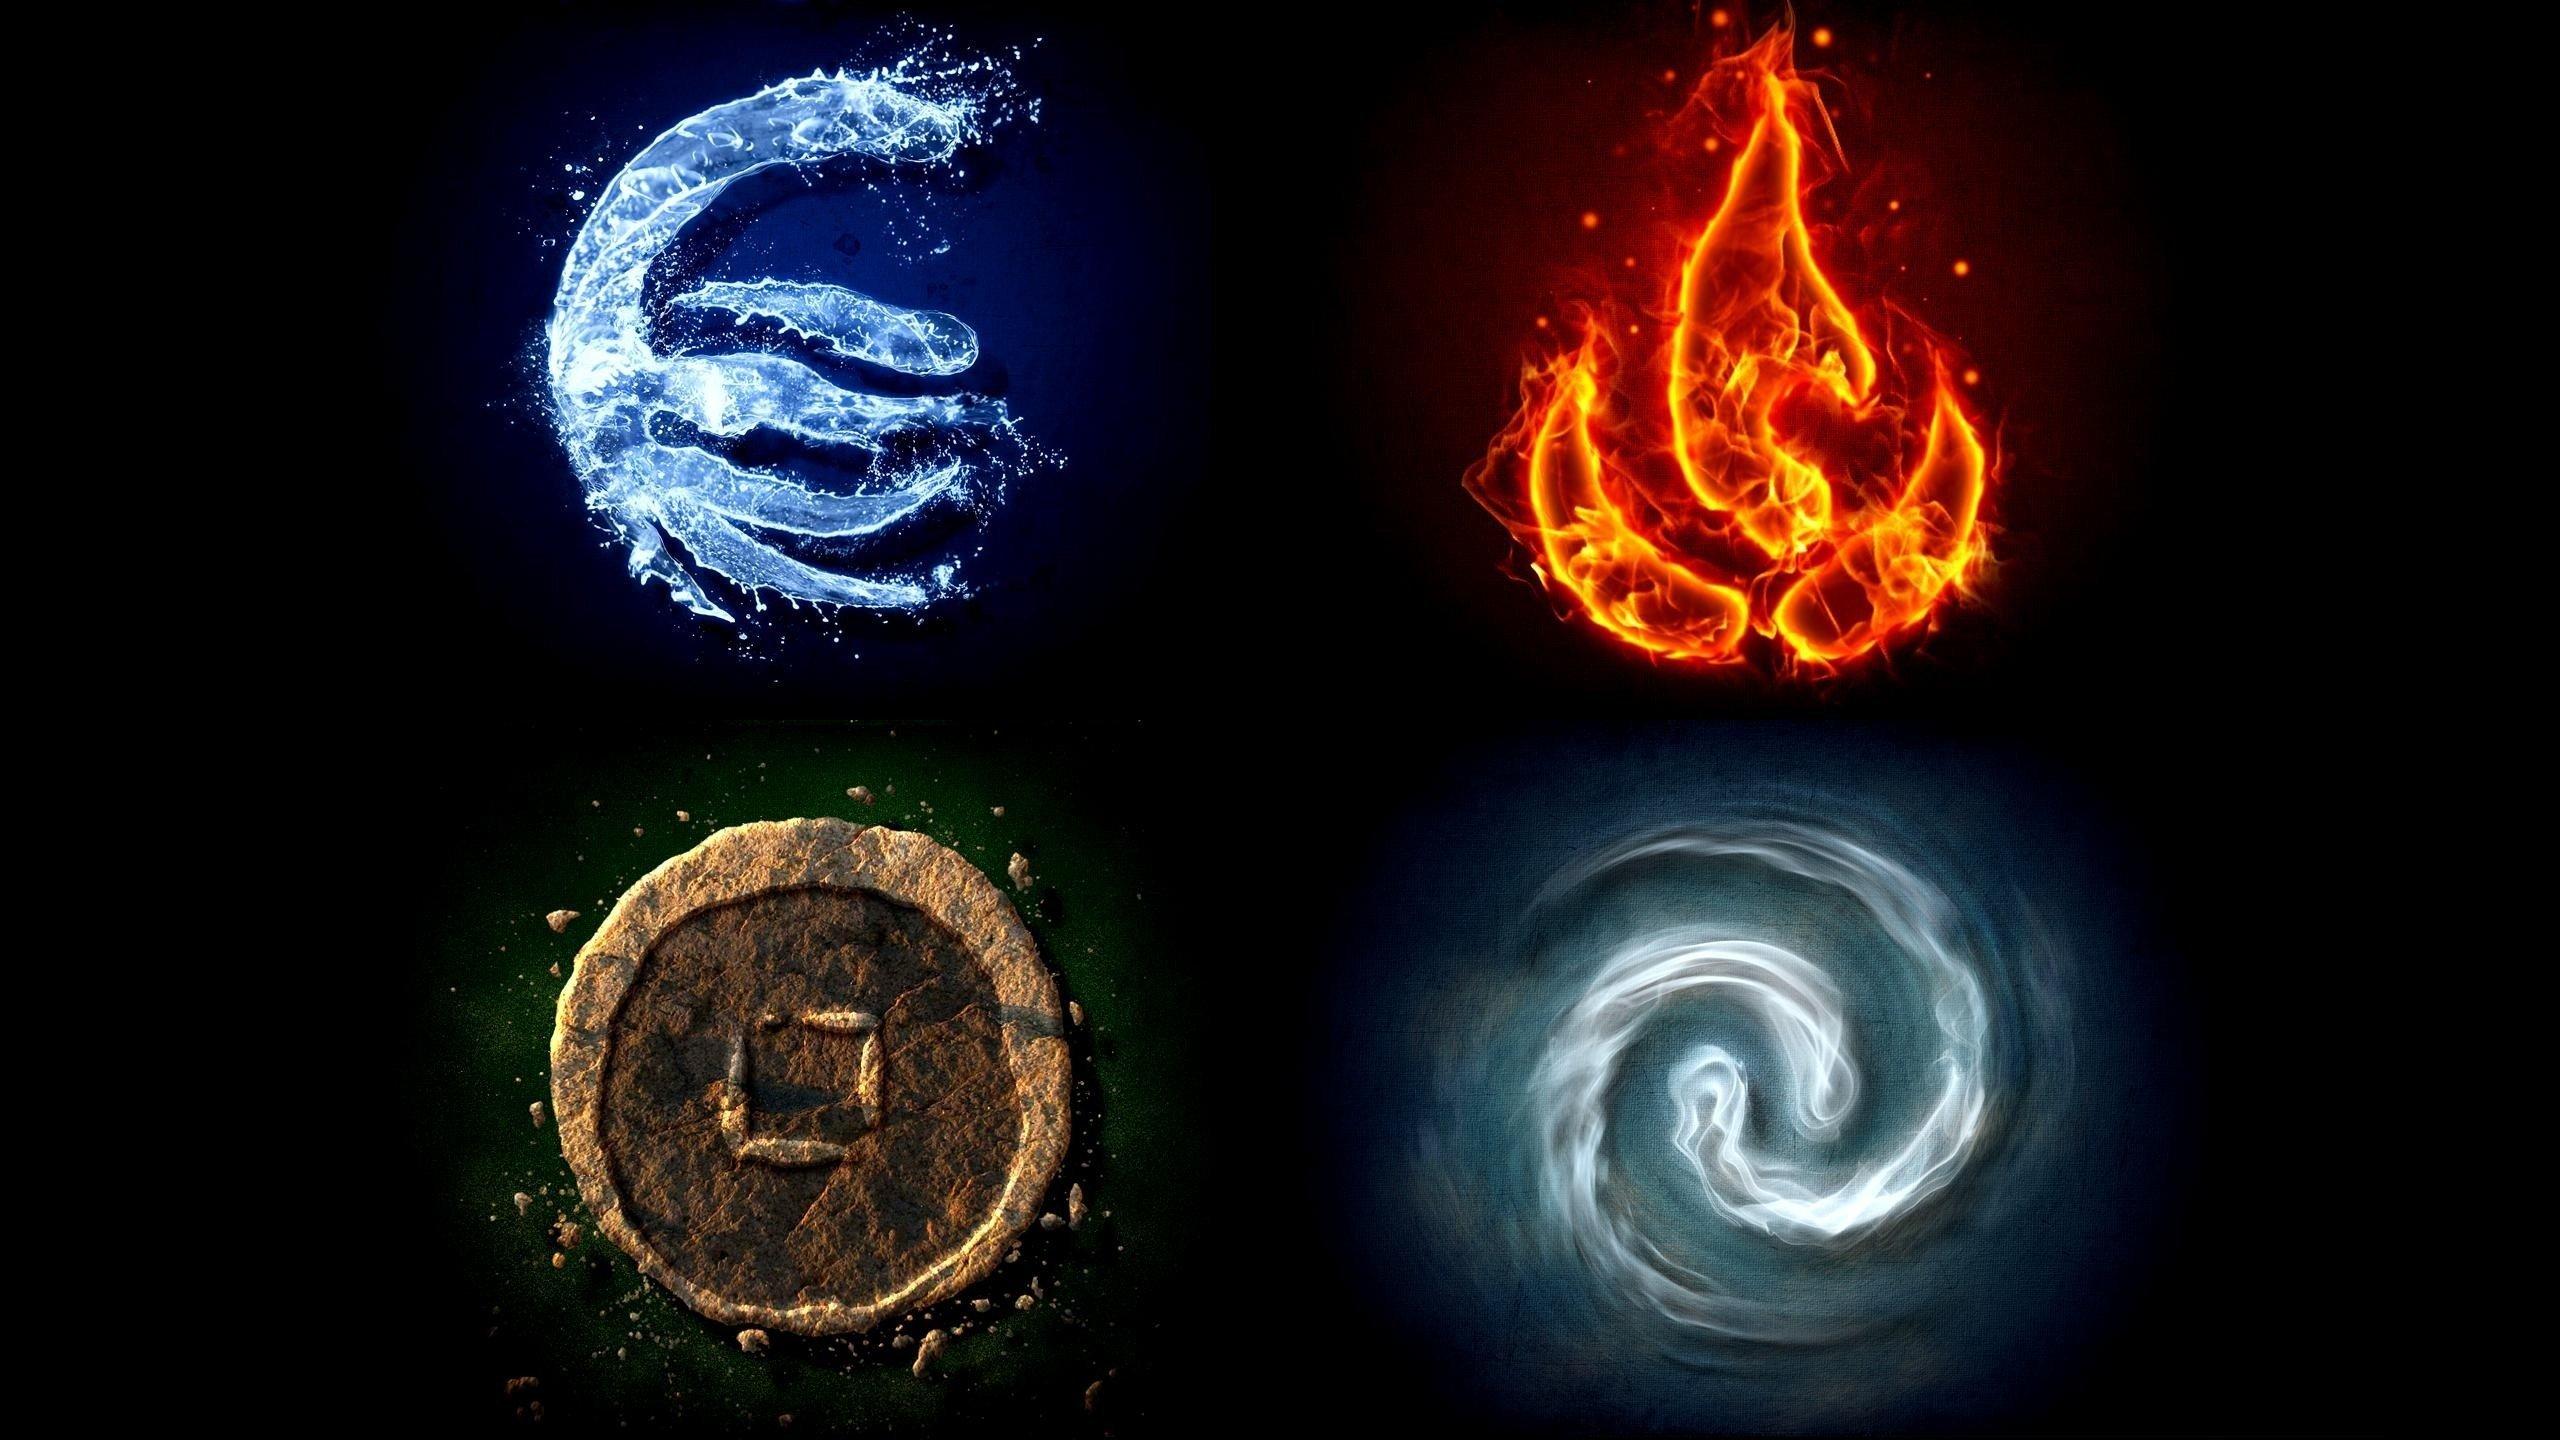 картинки символами огонь и вода пристроенной дому